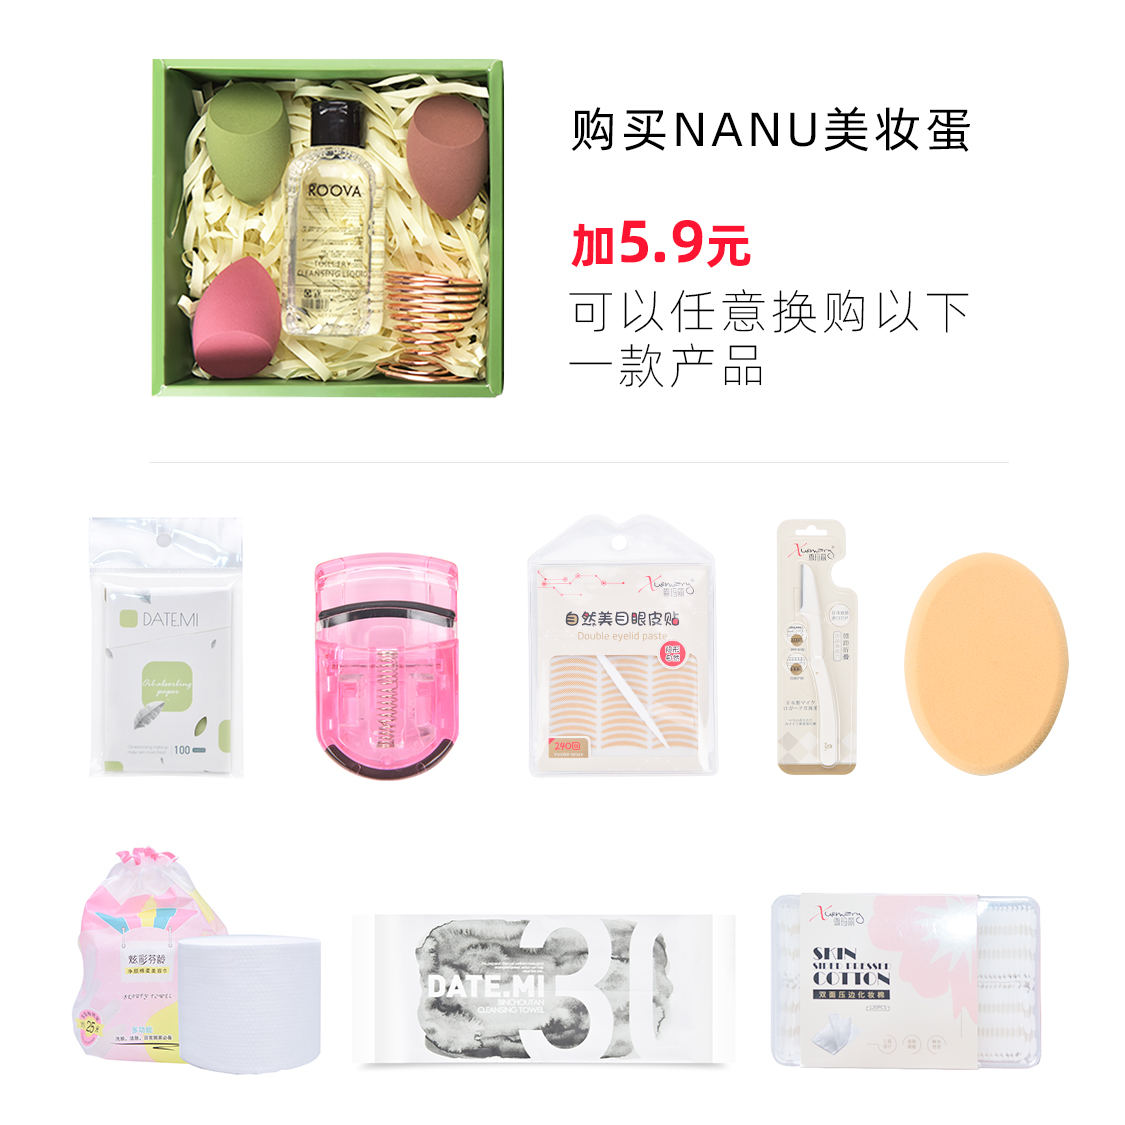 泰國nanu美妝蛋muse女神粉撲套裝清洗劑超軟海綿架不吃粉